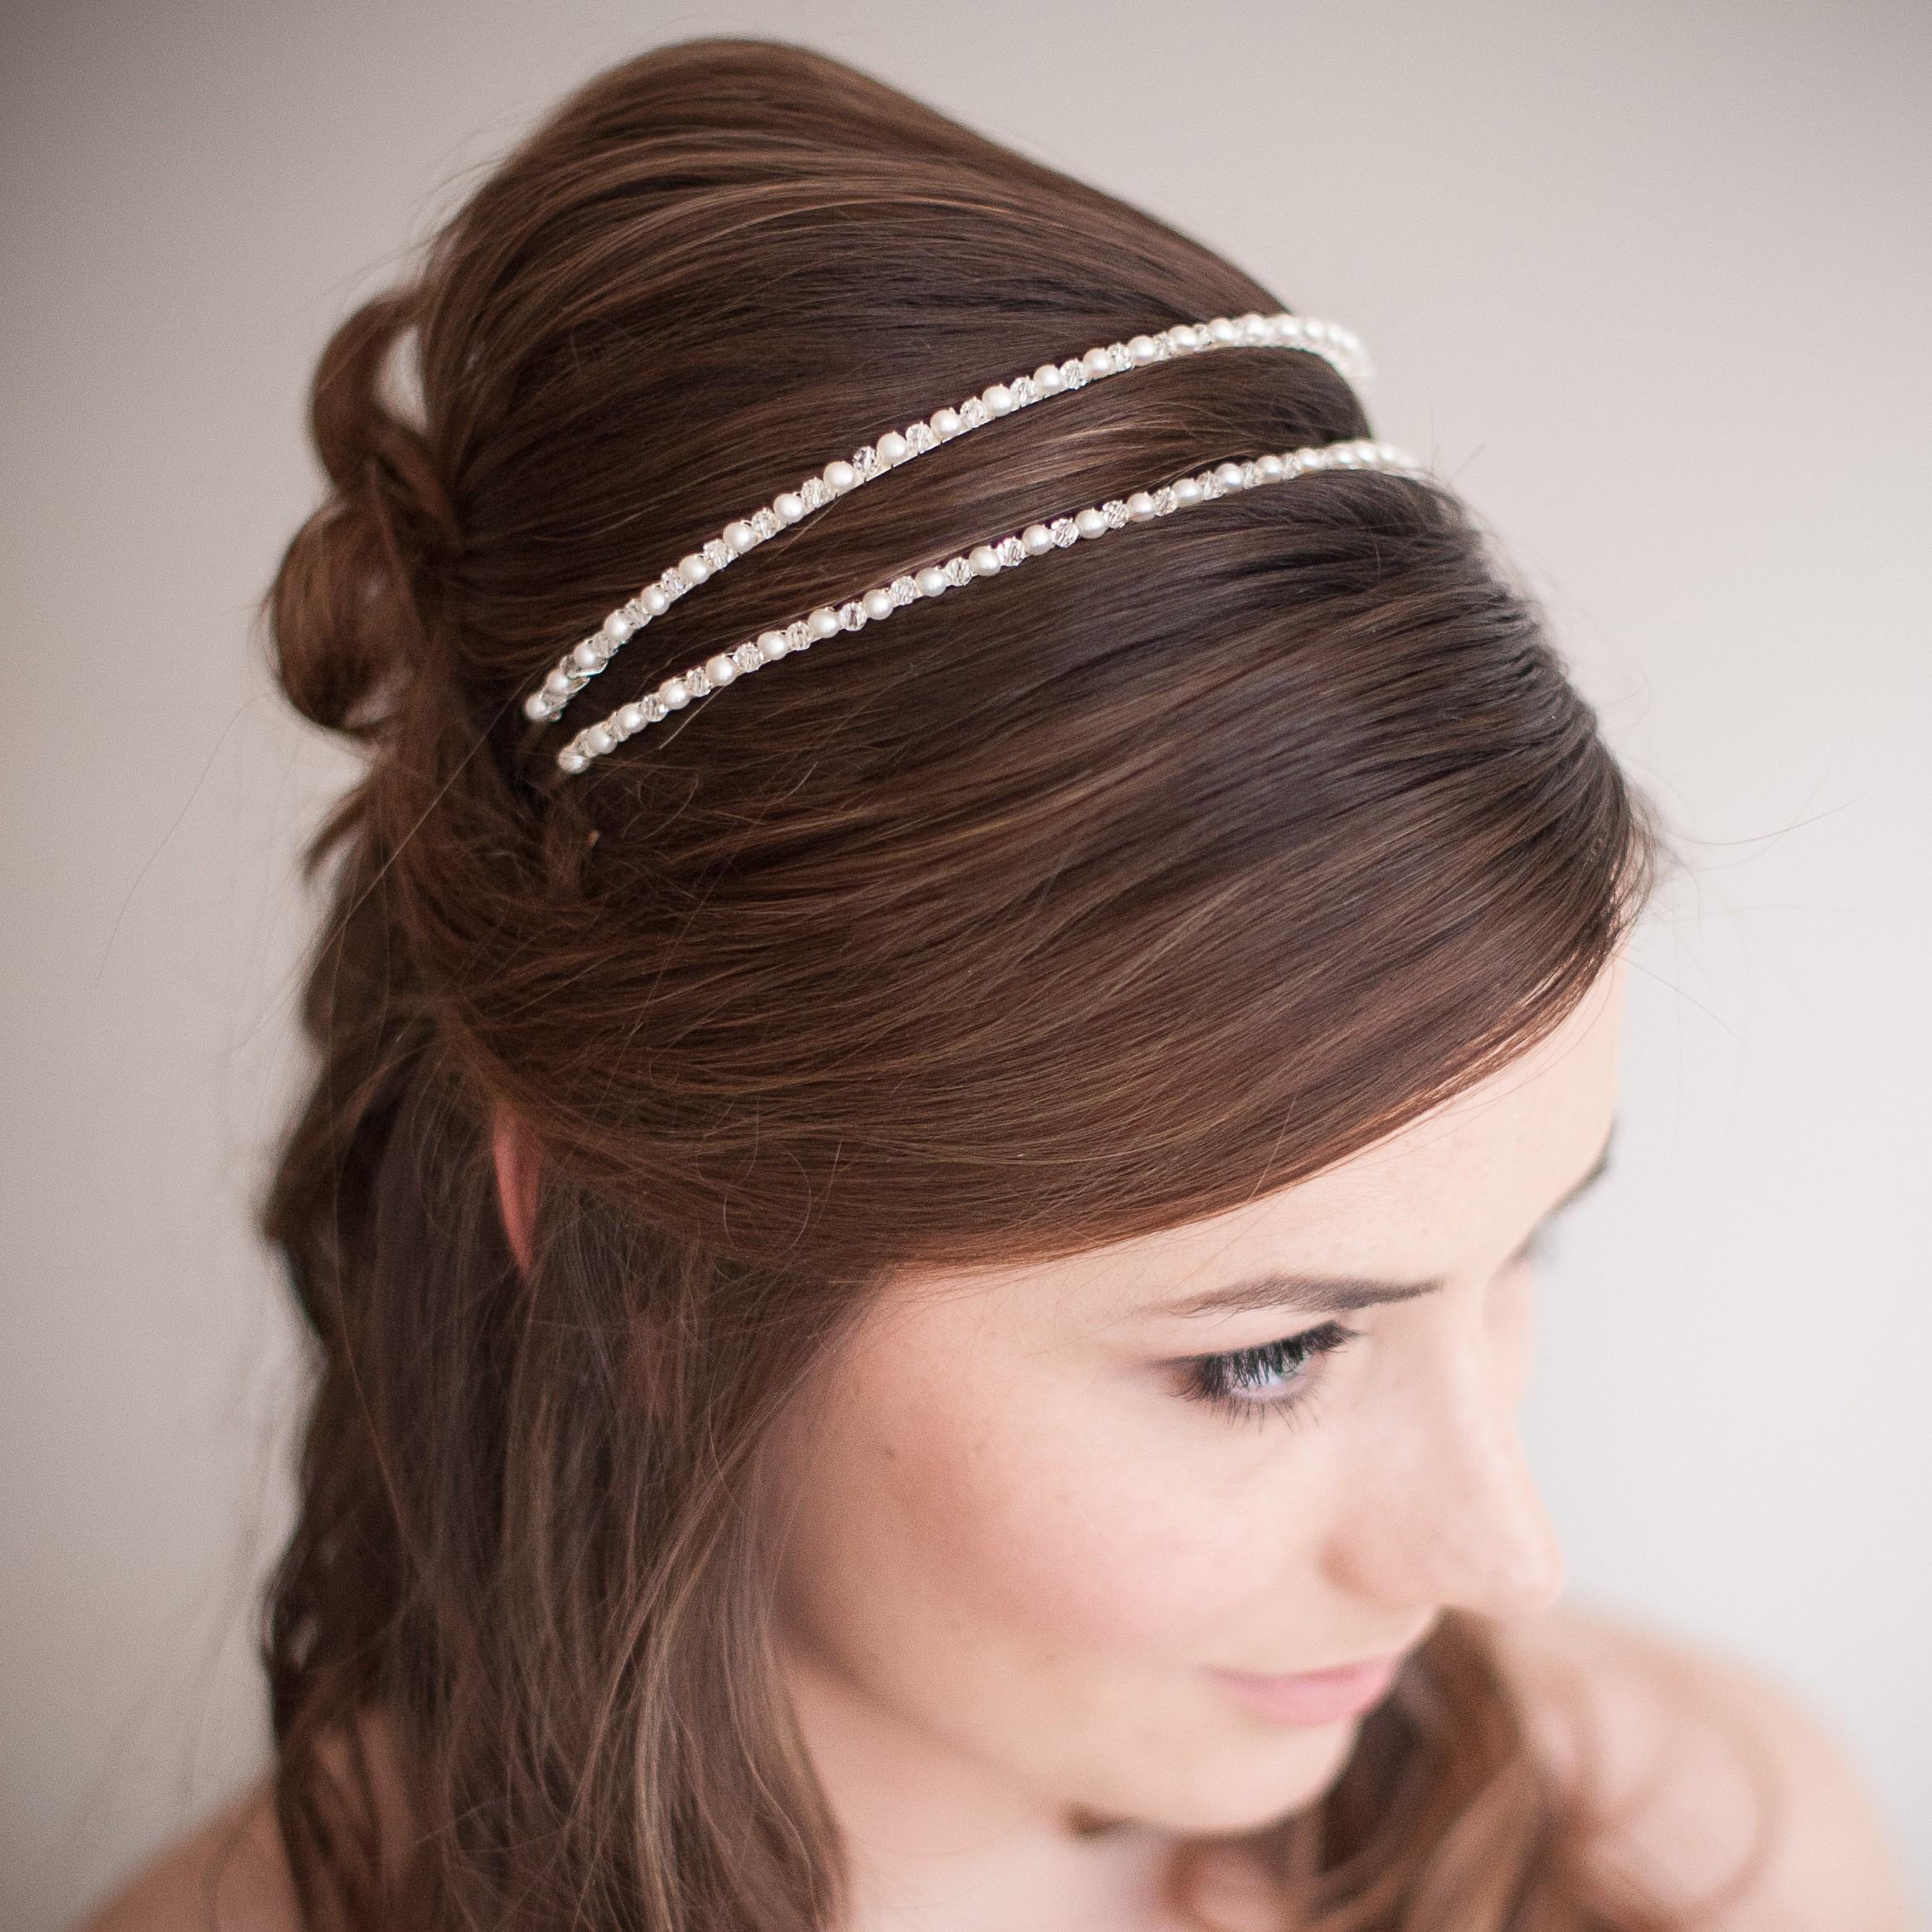 rachel ii pearl and crystal bridal headband